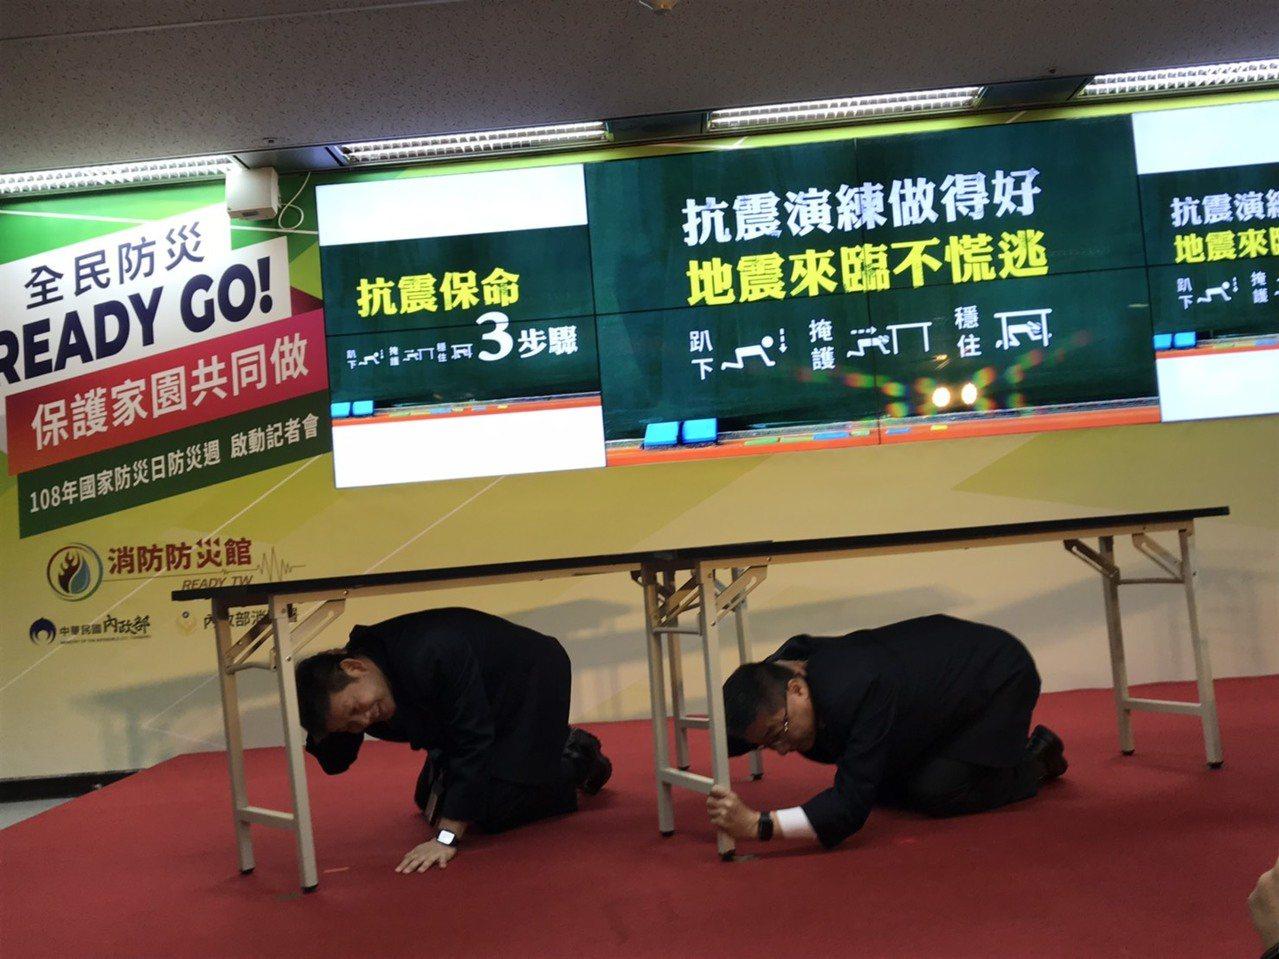 徐國勇與陳文龍親自示範地震來襲時應採取的應變措施。記者柯毓庭/攝影